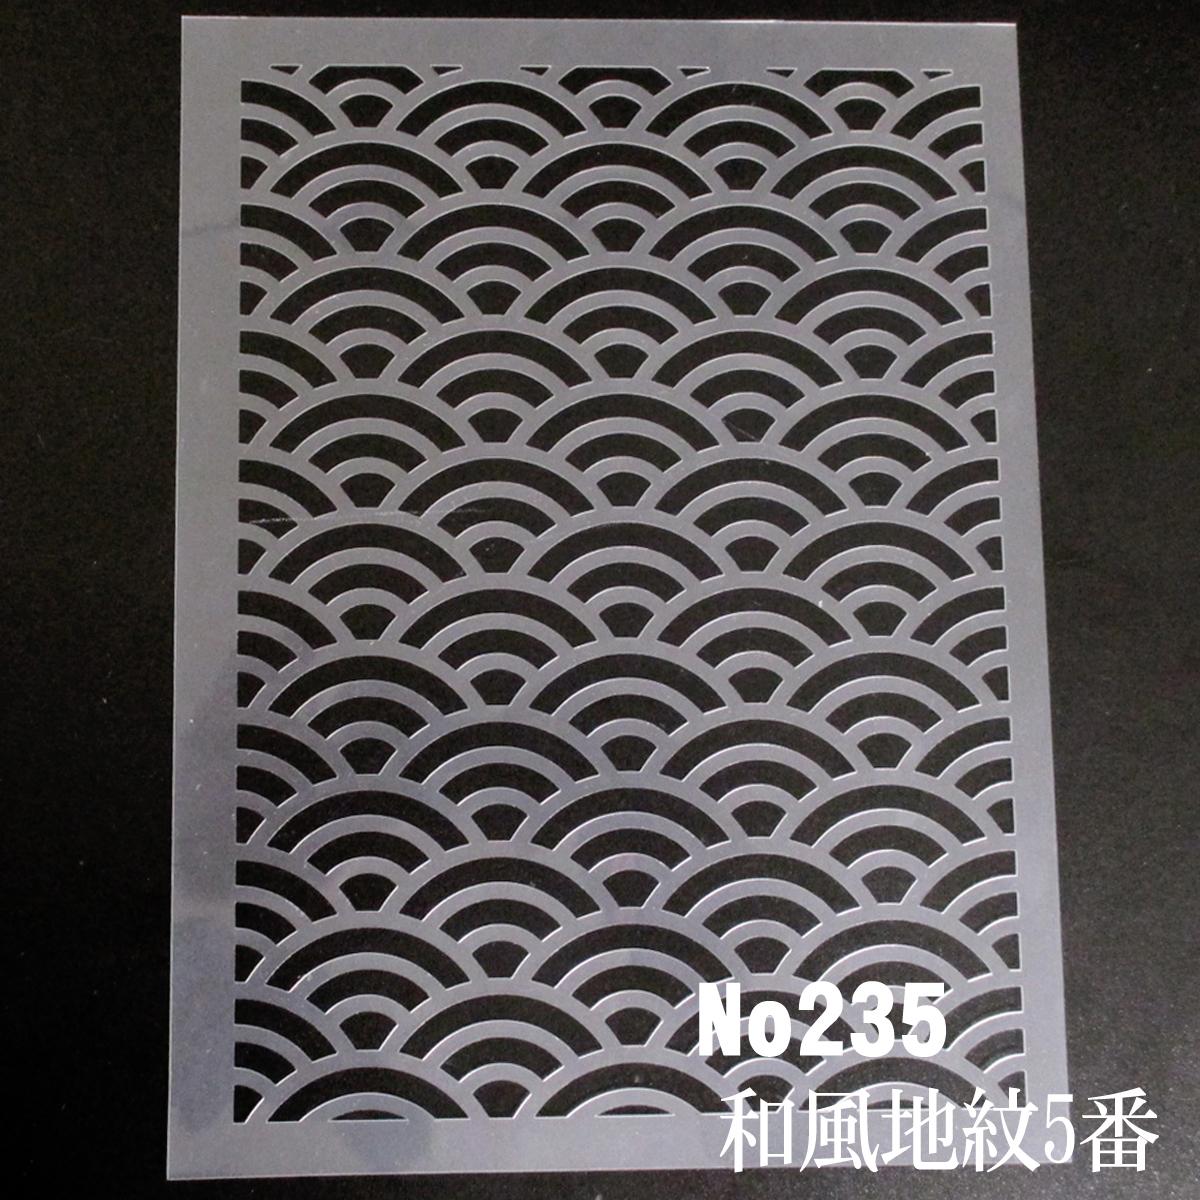 青海波 和風地紋5番 NO235 ステンシルシート 型紙図案_画像2